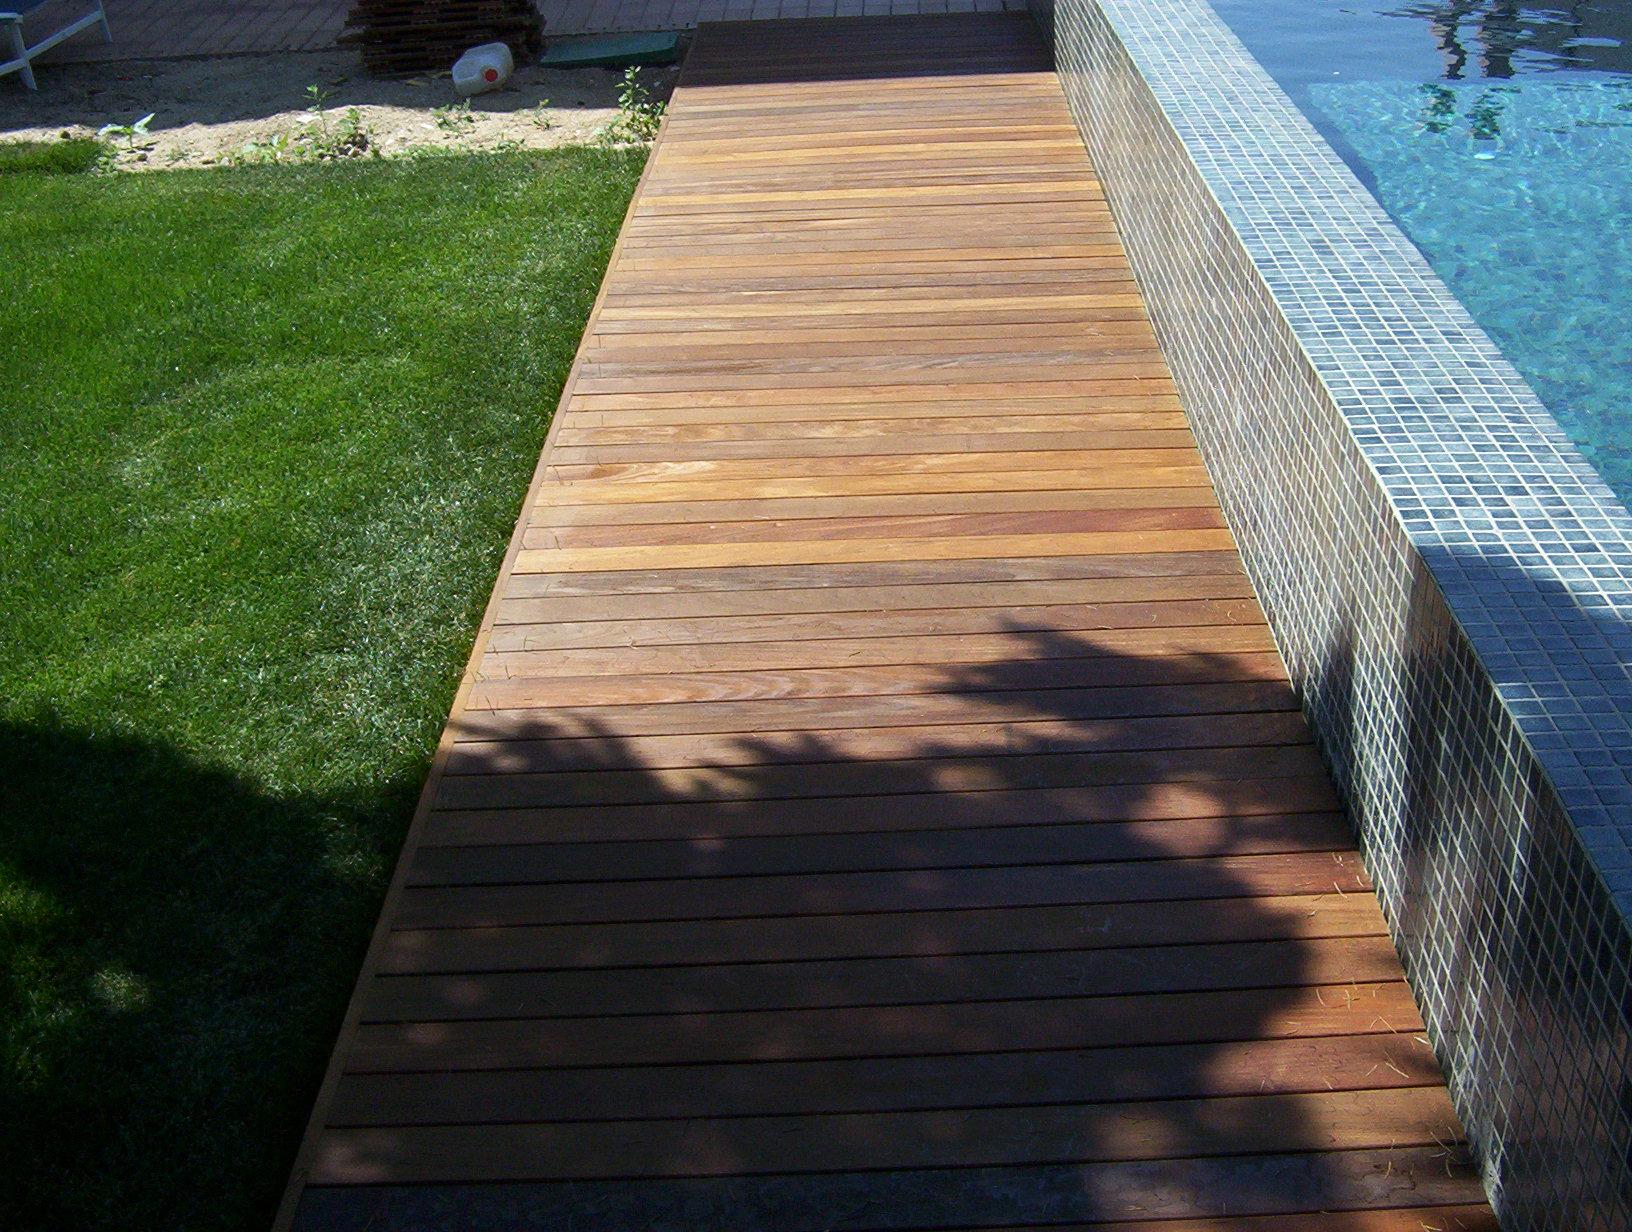 Tarima de ipe en jardin y piscina en aravaca madrid for Tarimas de madera para jardin